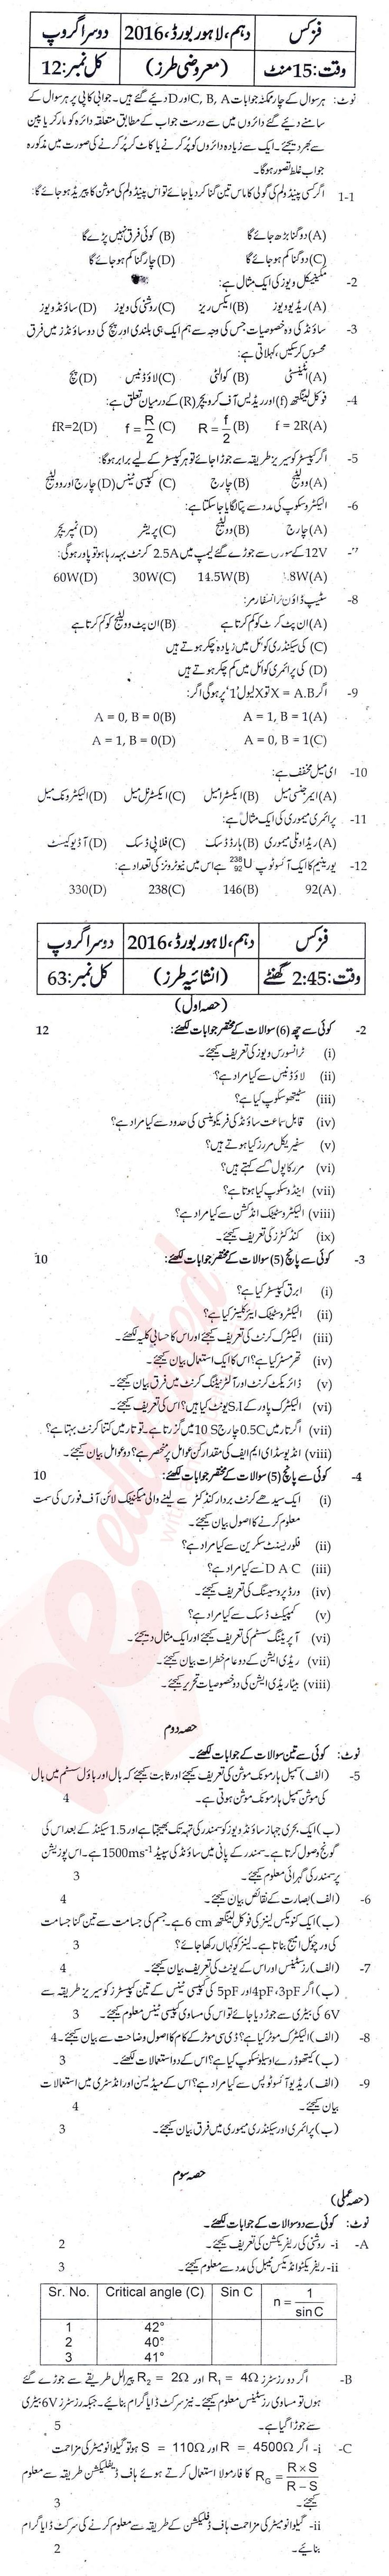 Physics 10th Urdu Medium Past Paper Group 2 BISE Lahore 2016